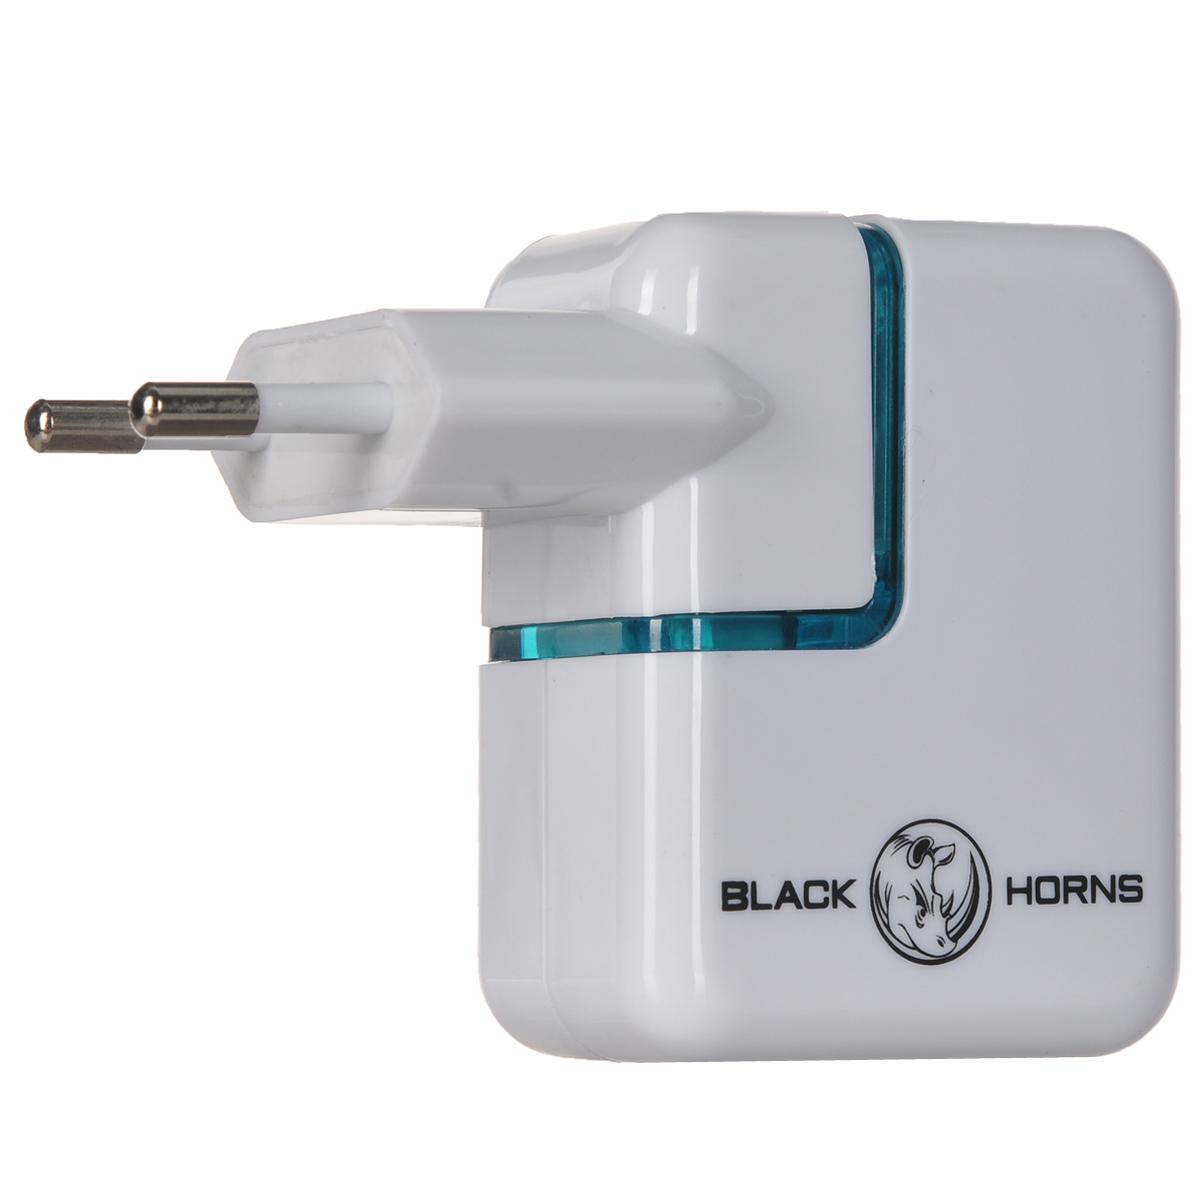 Black Horns зарядное устройство от розетки для iPad/iPhone (BH-UN0501)BH-UN0501( R)Зарядное устройство Black Horns для iPad/iPhone имеет 2 USB разъему, предназначенных для зарядки портативной техники от бытовой электросети. Верхний разъем предназначен для телефонов iPhone, нижний разъем - для планшетов iPad.